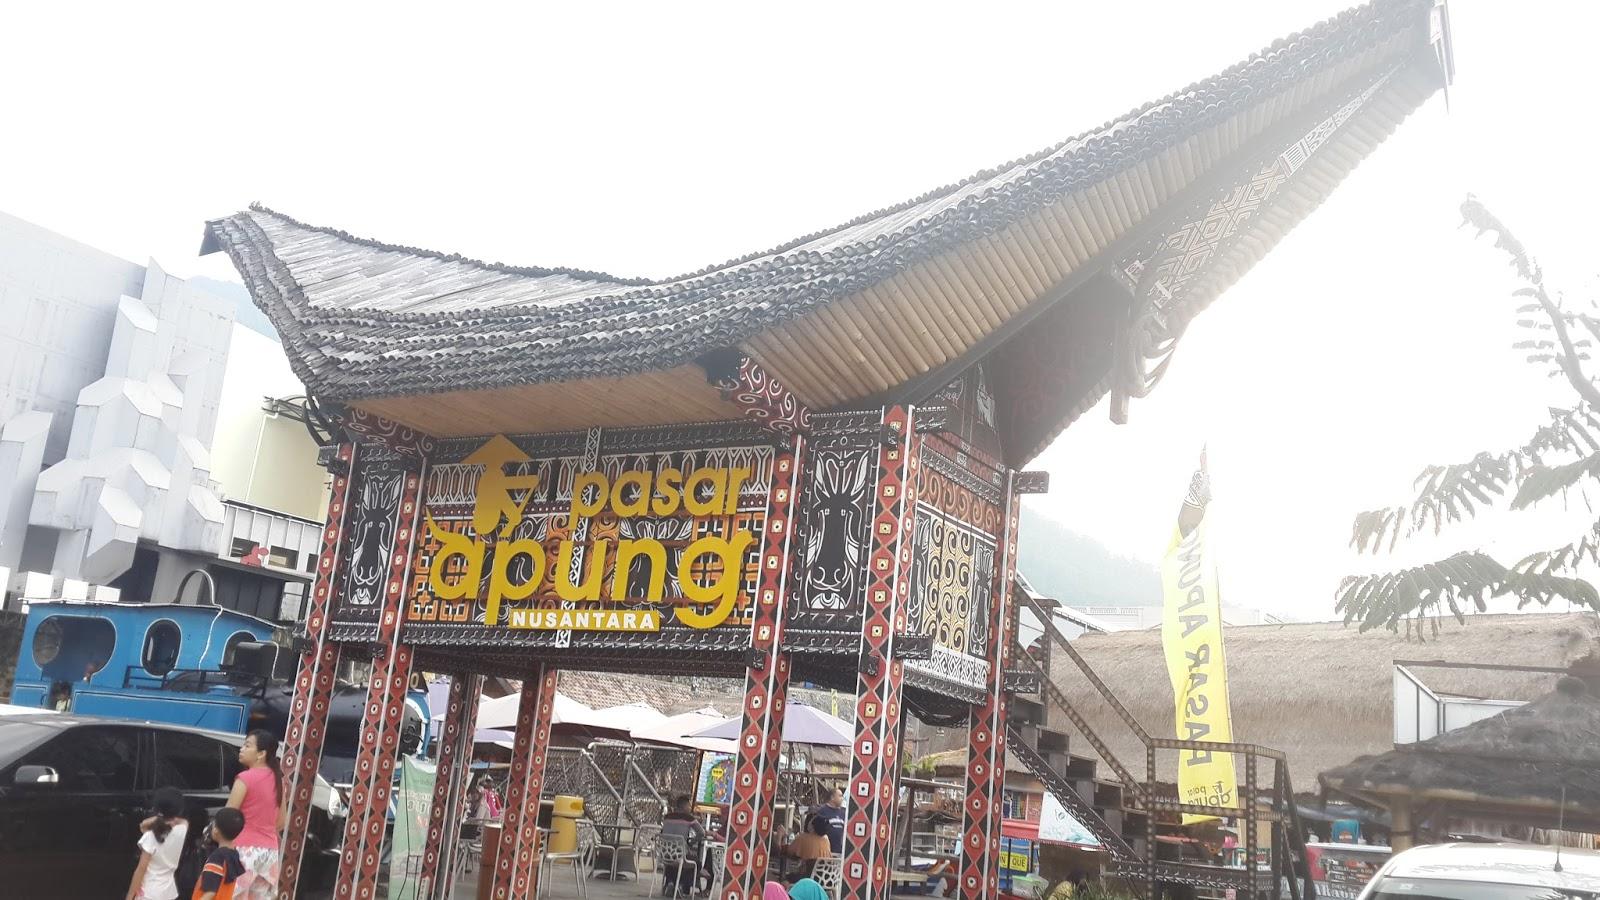 Reni Dwi Astuti Pasar Apung Nusantara Museum Angkut Malang Pintu